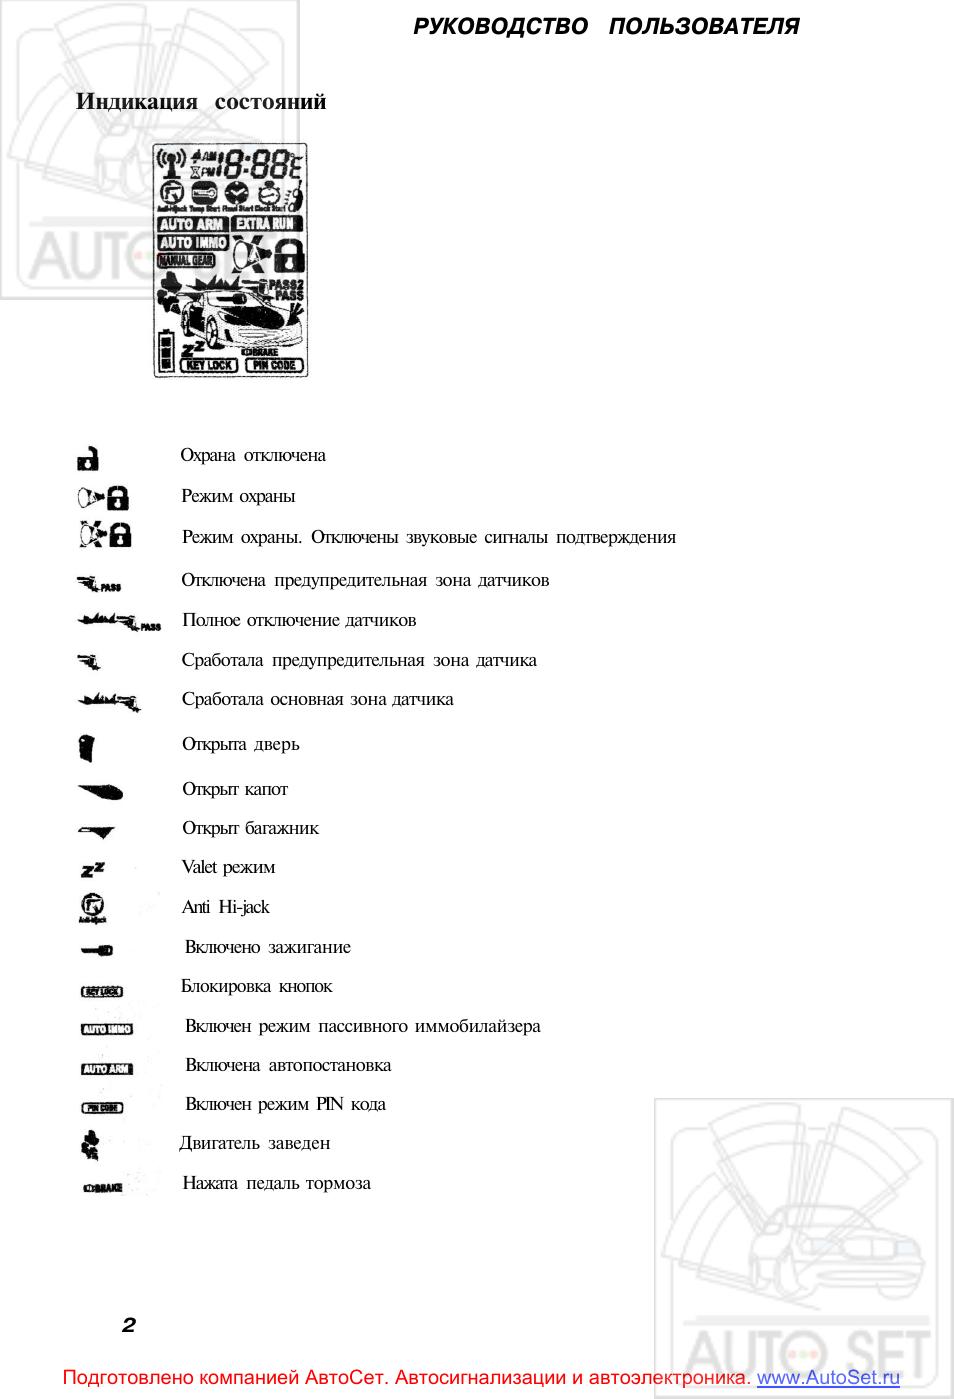 Индикация состояний руководство пользователя